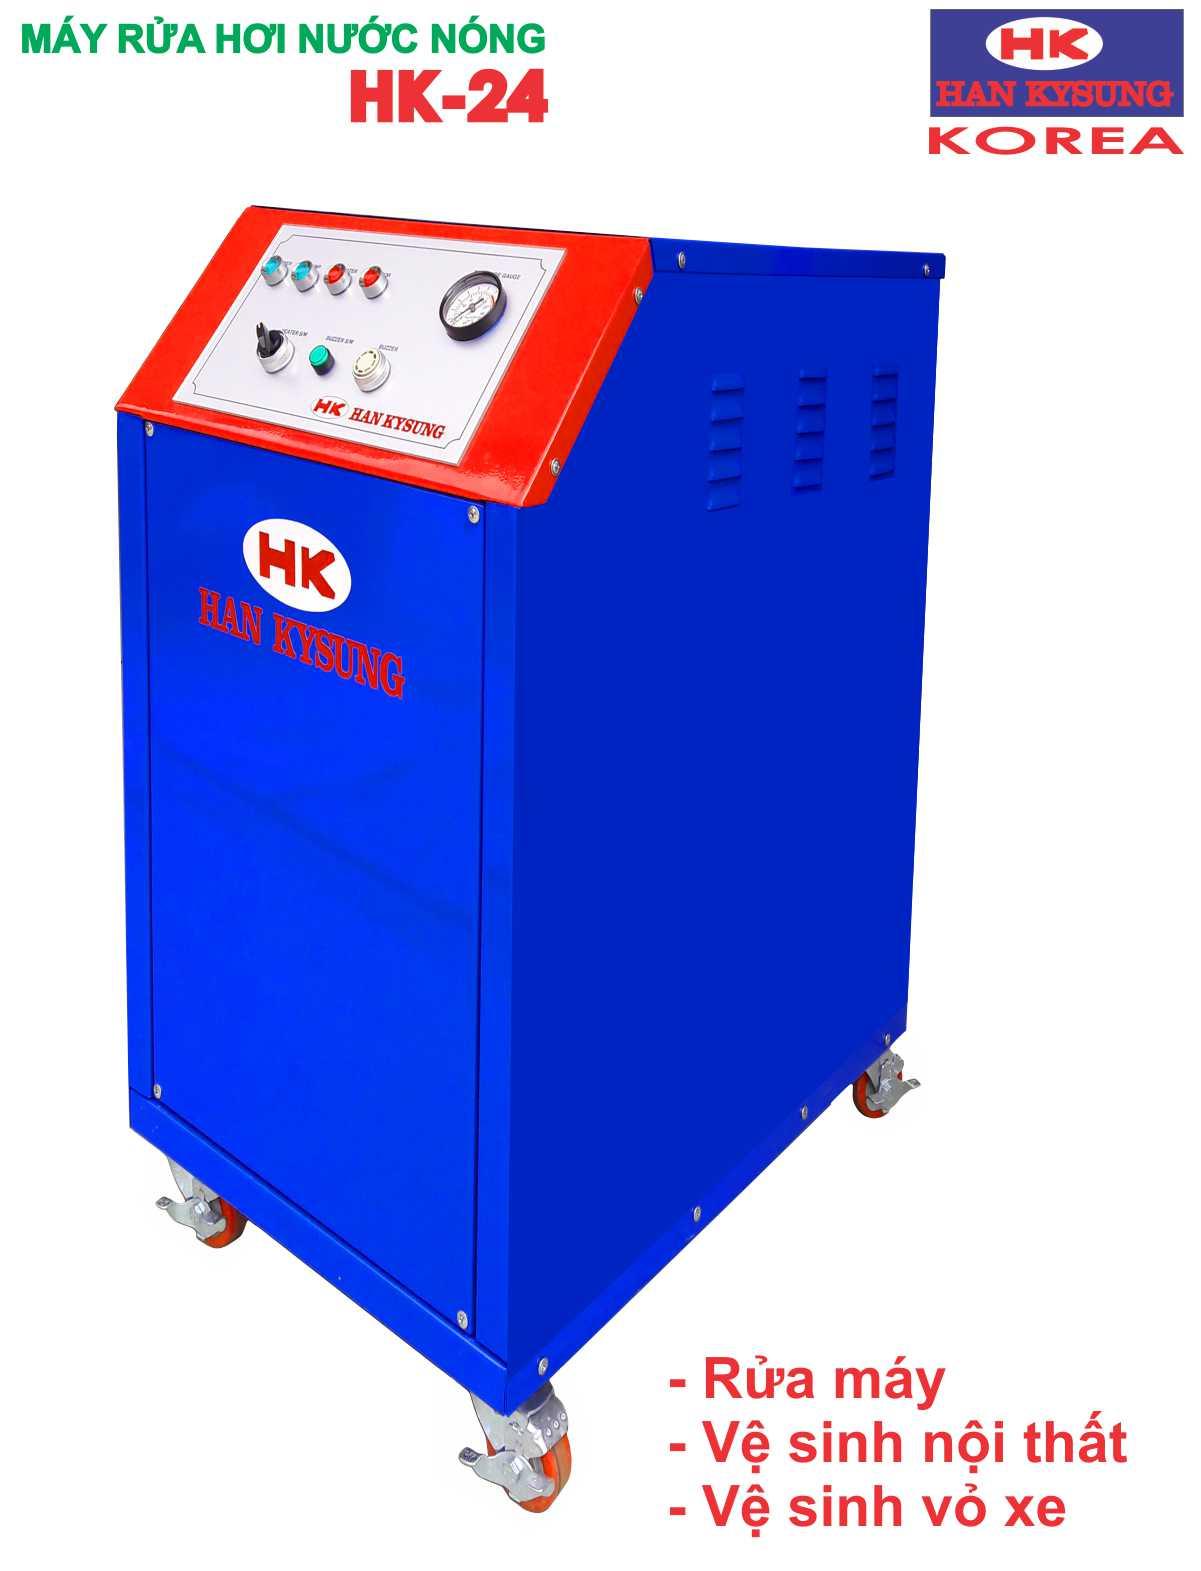 MÁY RỬA HƠI NƯỚC NÓNG CÔNG SUẤT 24 KW, rửa hơi nước nóng, rửa máy bằng hơi nước